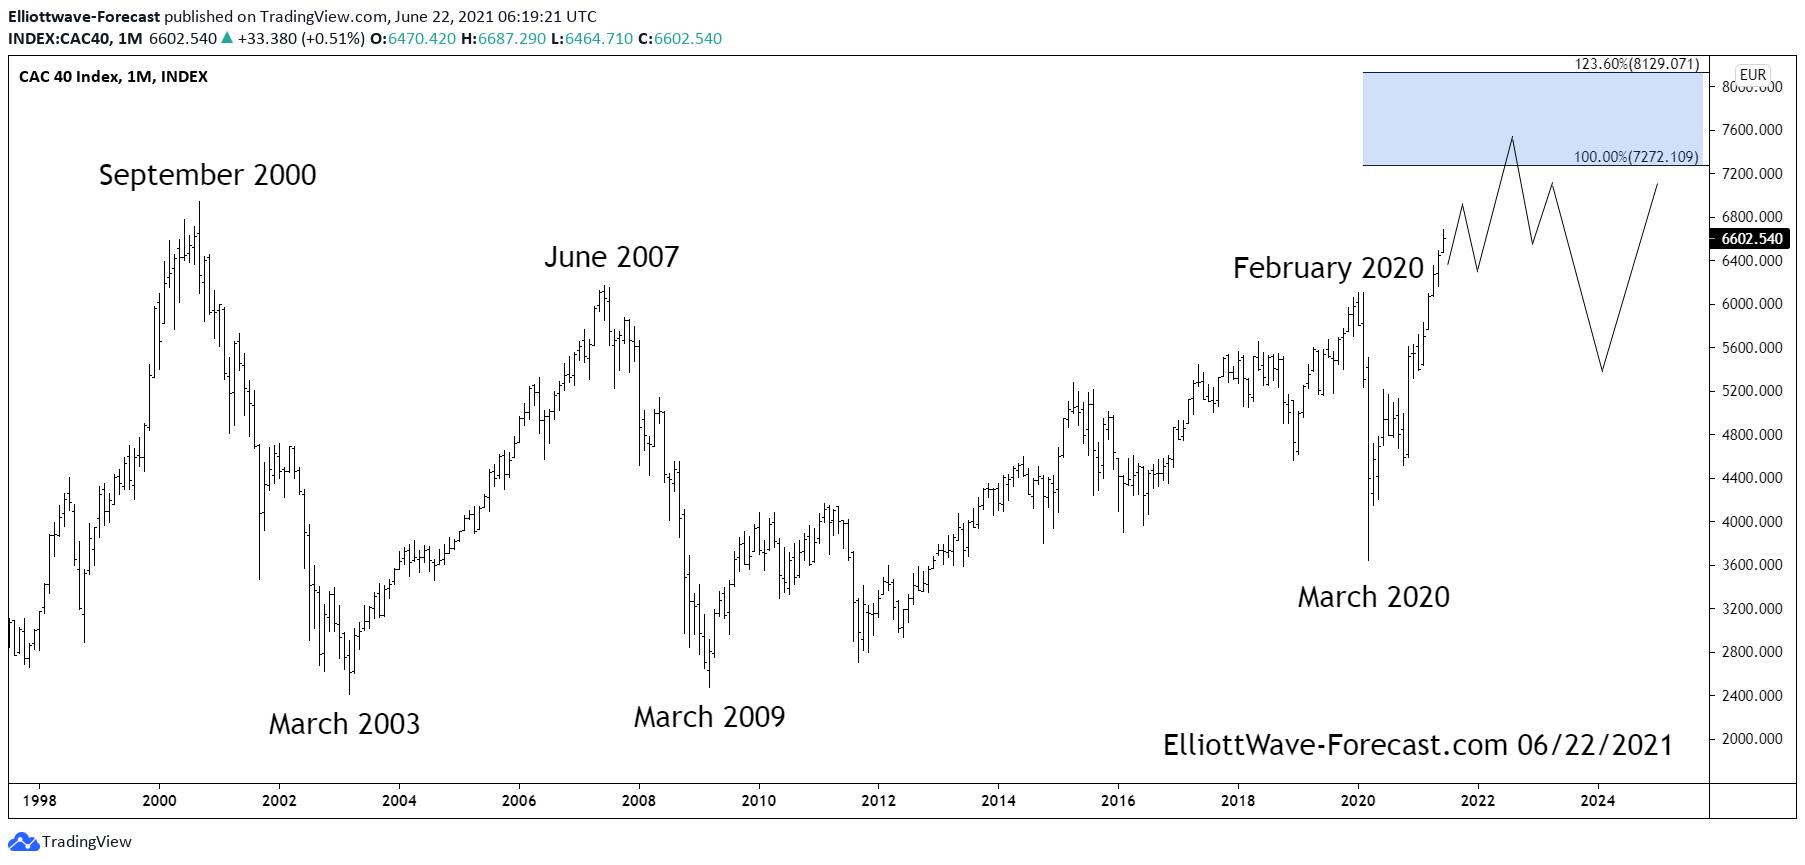 The $CAC40 Longer Term Bullish Cycles & Swings